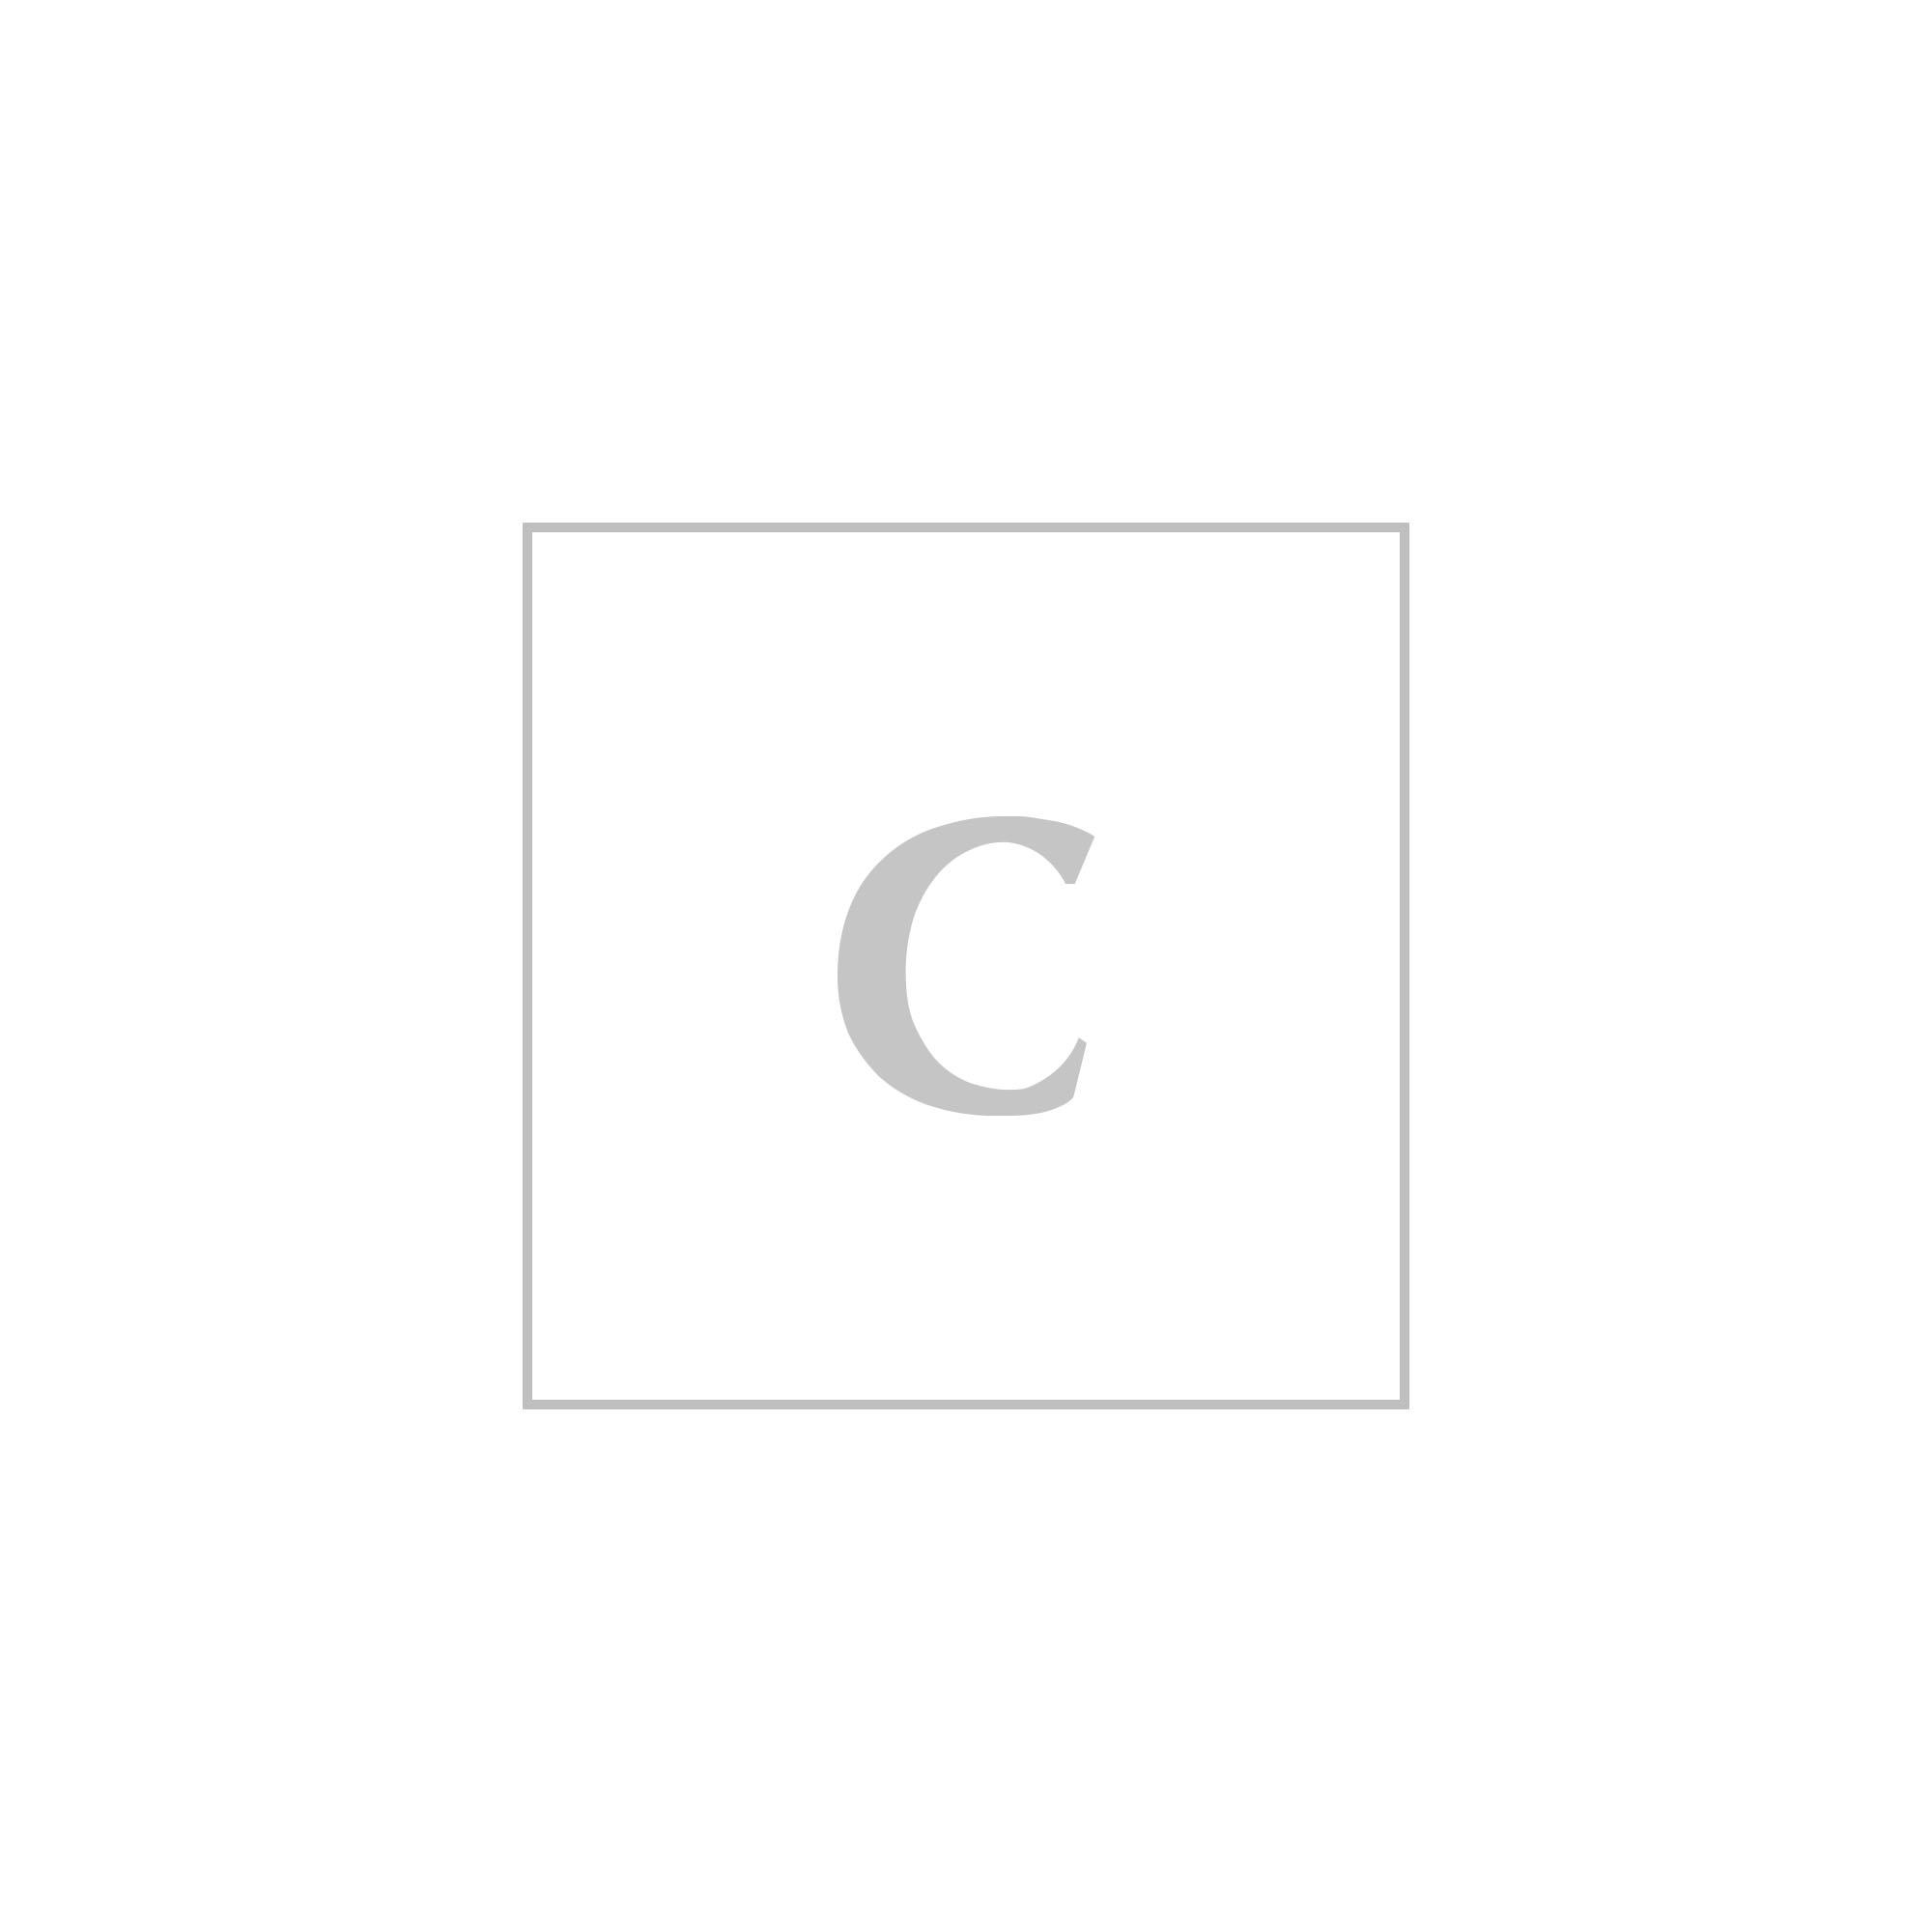 Dolce & gabbana dauphine calfskin sicily mini bag